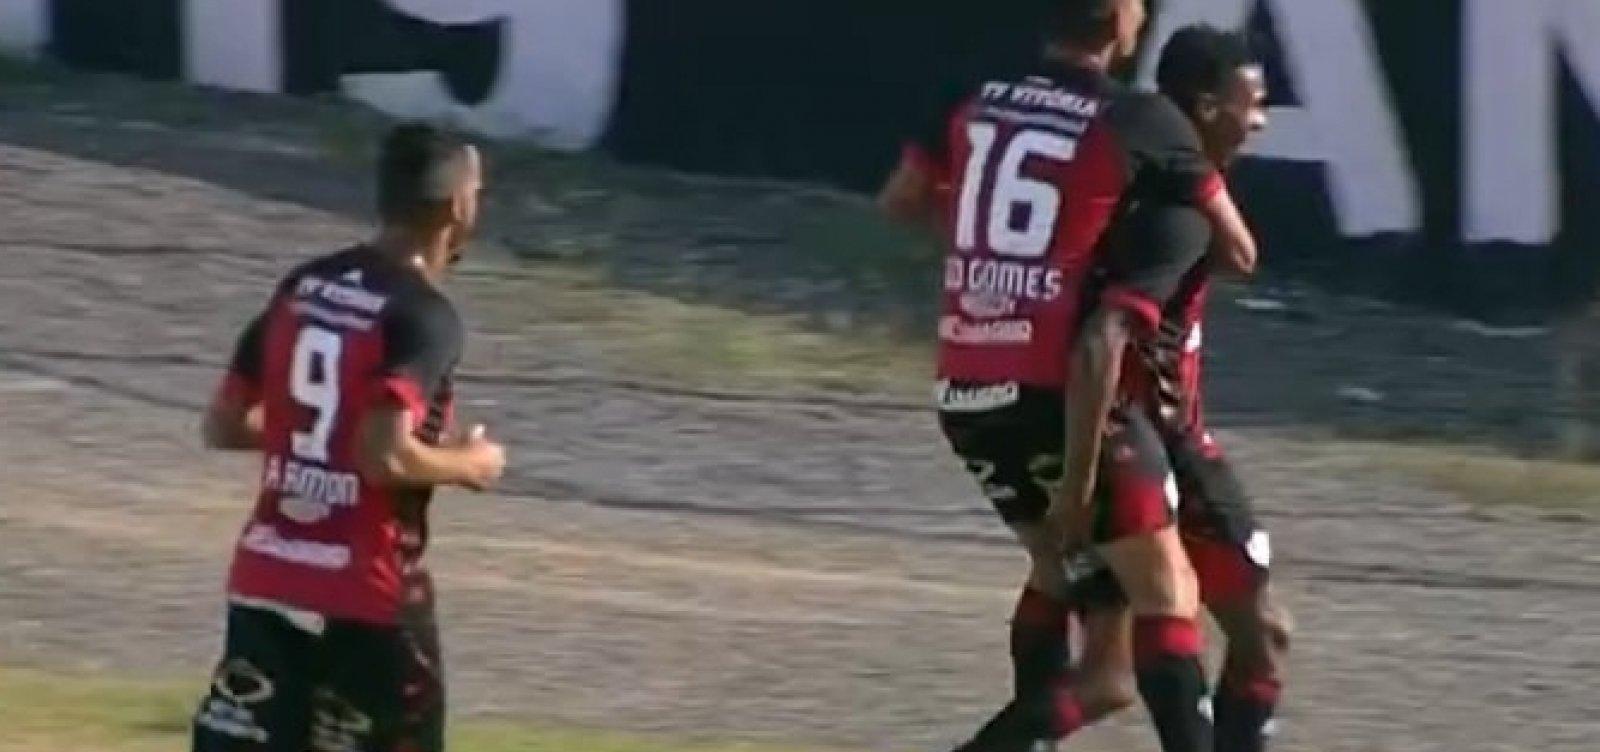 Com um jogador a menos em campo, Vitória vence a Ponte Preta fora de casa